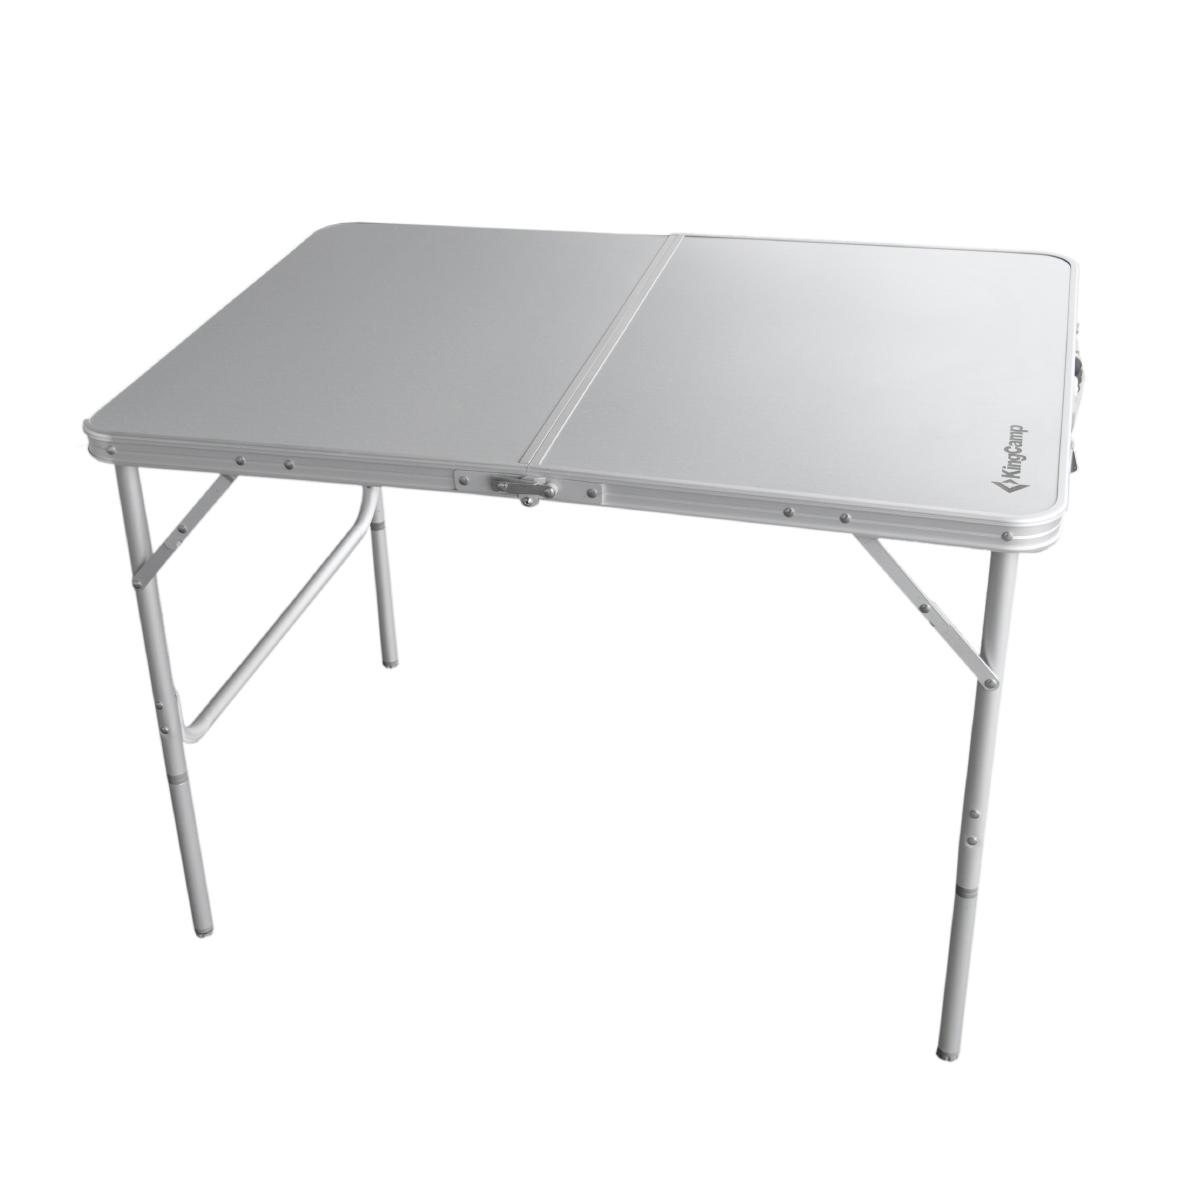 Kempingový stůl Alu - 100 x 70 cm